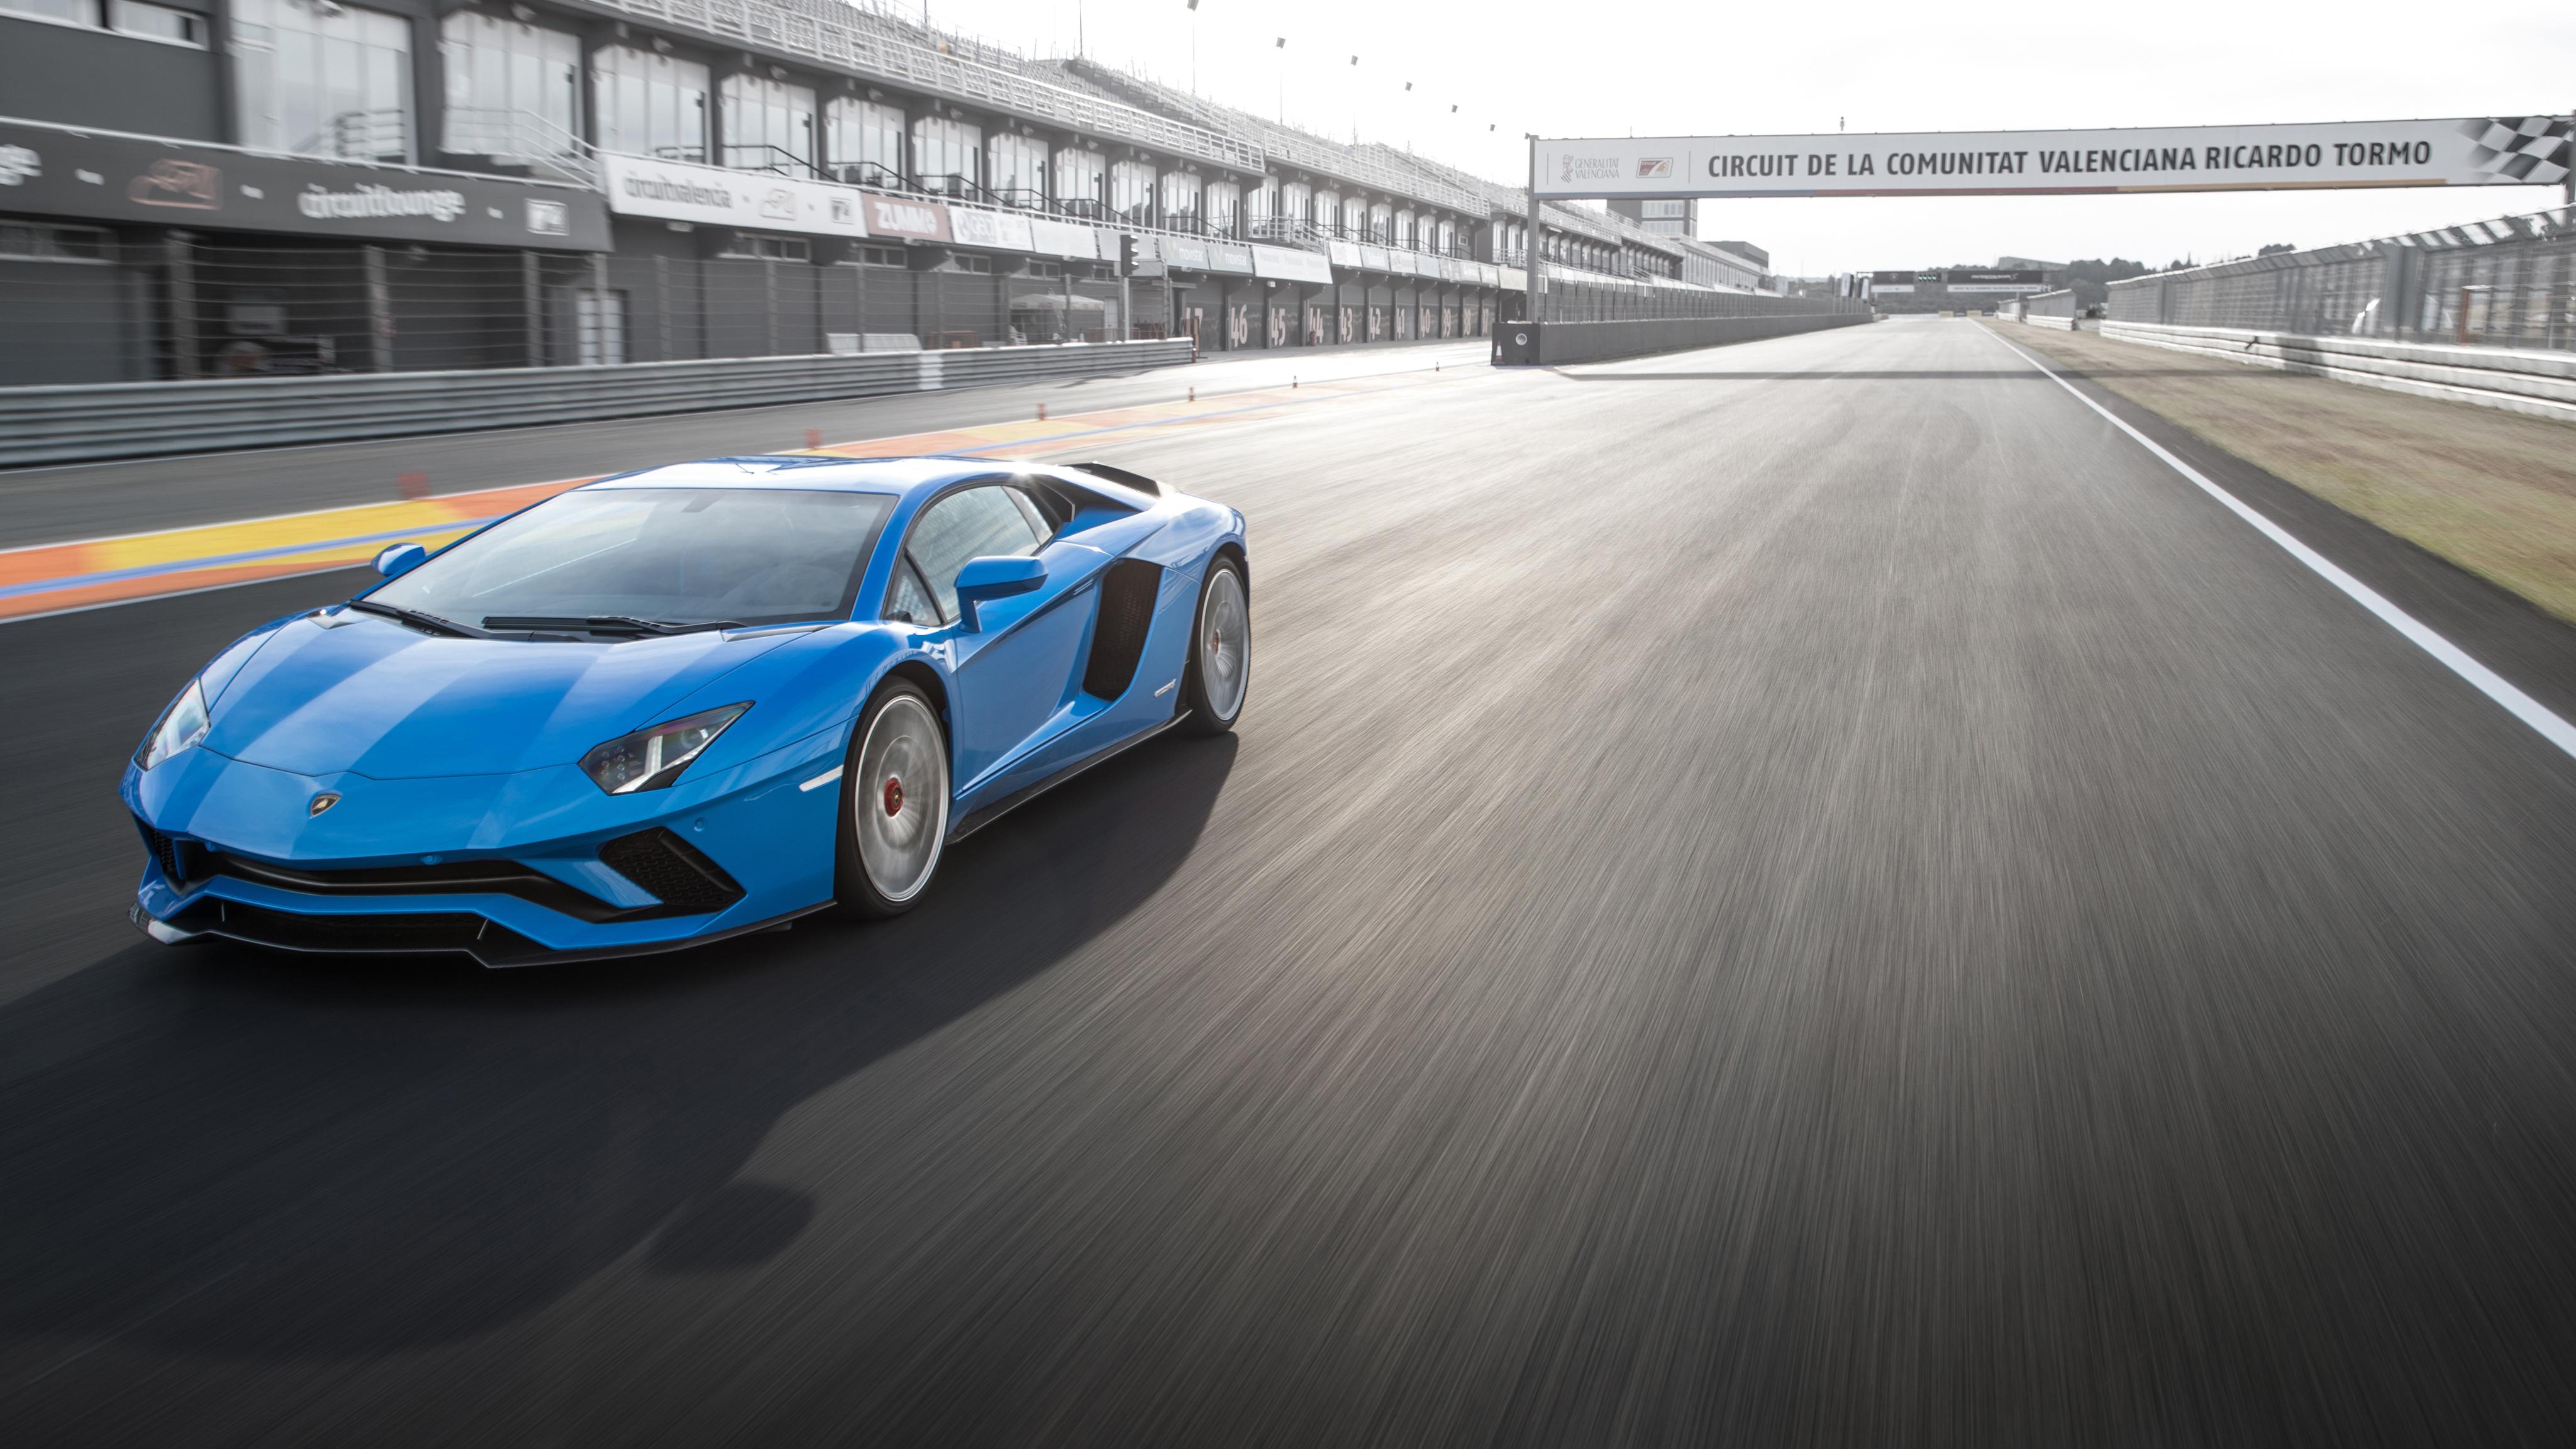 Lamborghini Aventador S 2018 4k Wallpaper Hd Car